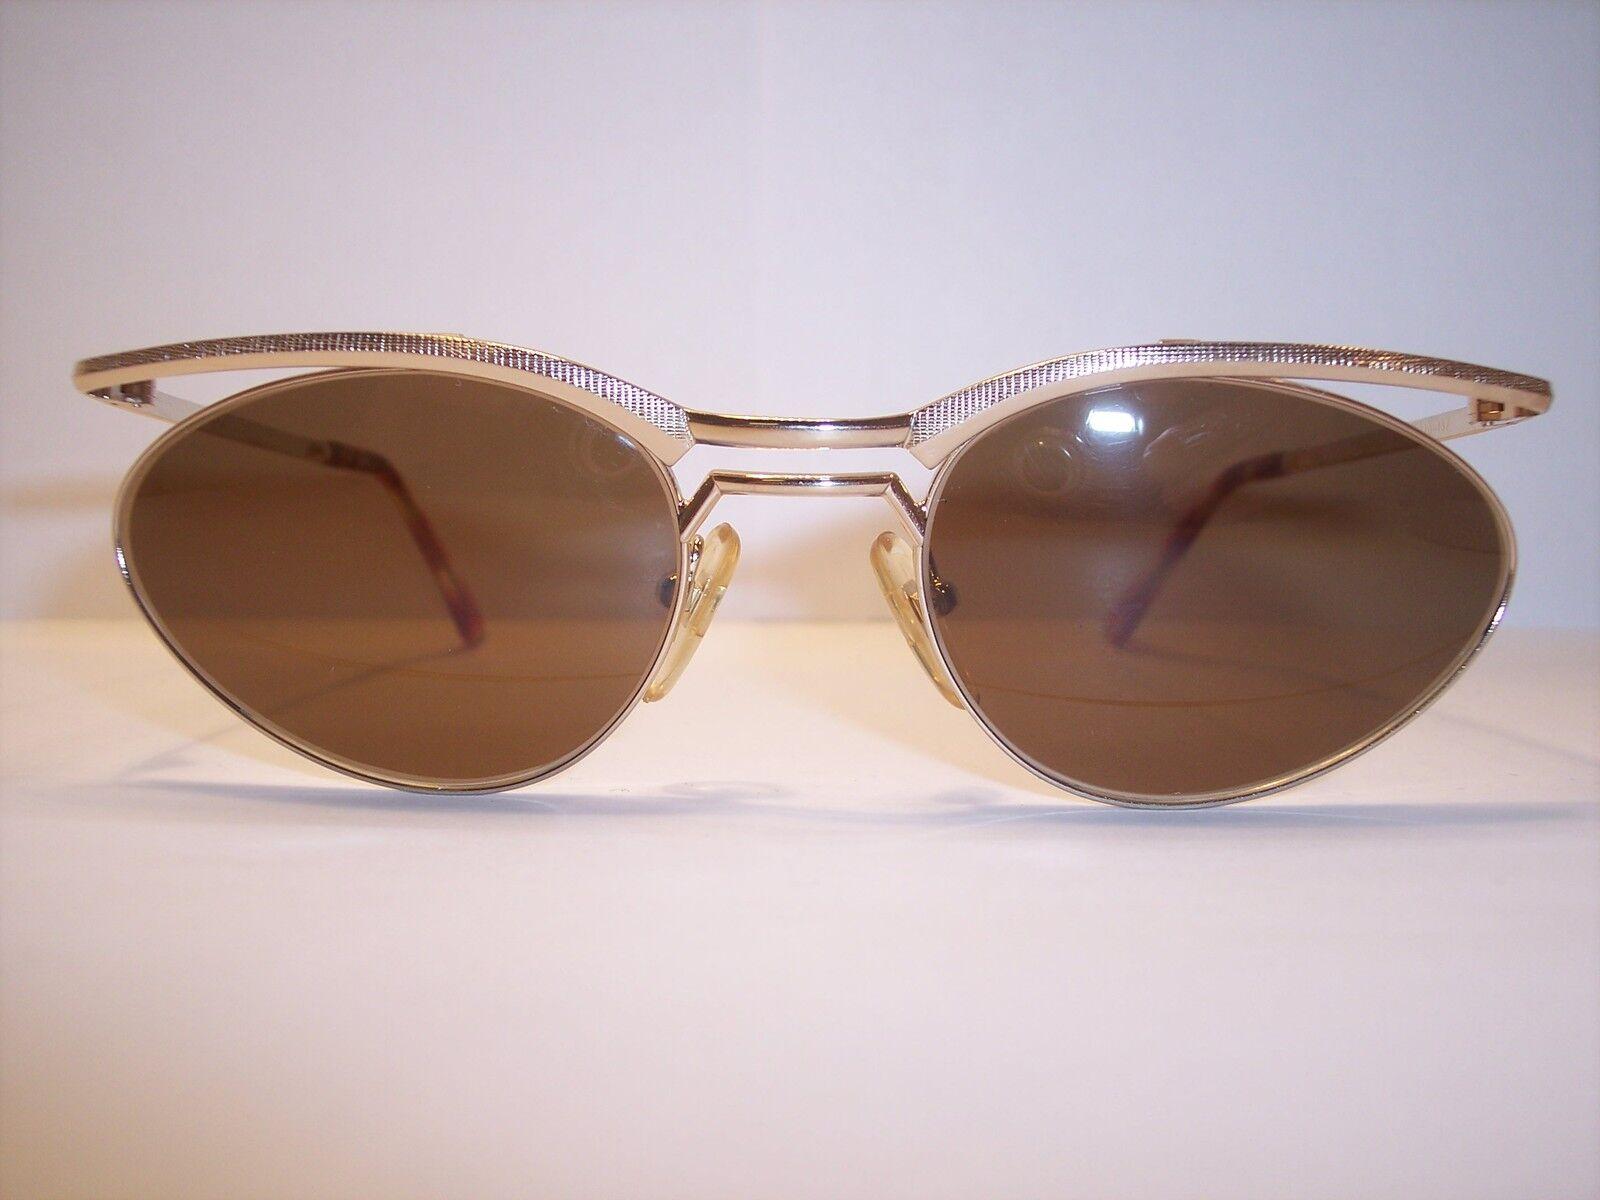 Vintage-Sonnenbrille Sunglasses by THIERRY MUGLER Paris  RARE Original 90'  | Deutschland Shops  | Maßstab ist der Grundstein, Qualität ist Säulenbalken, Preis ist Leiter  | Die Qualität Und Die Verbraucher Zunächst